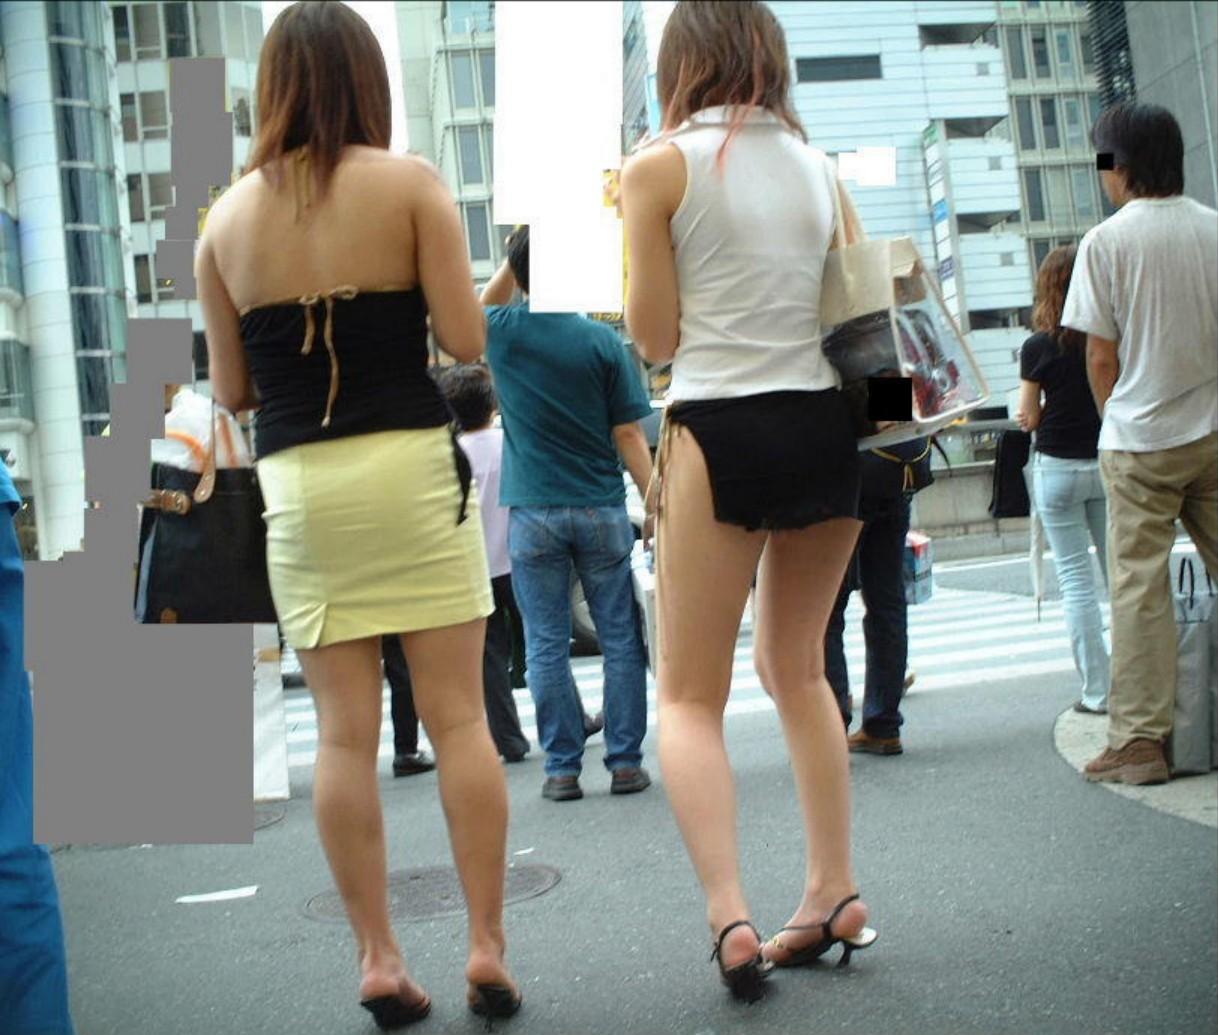 【街撮り美脚画像】あまりに綺麗な脚ならパンチラなんかイラネwそれだけで抜ける街の極上美脚www